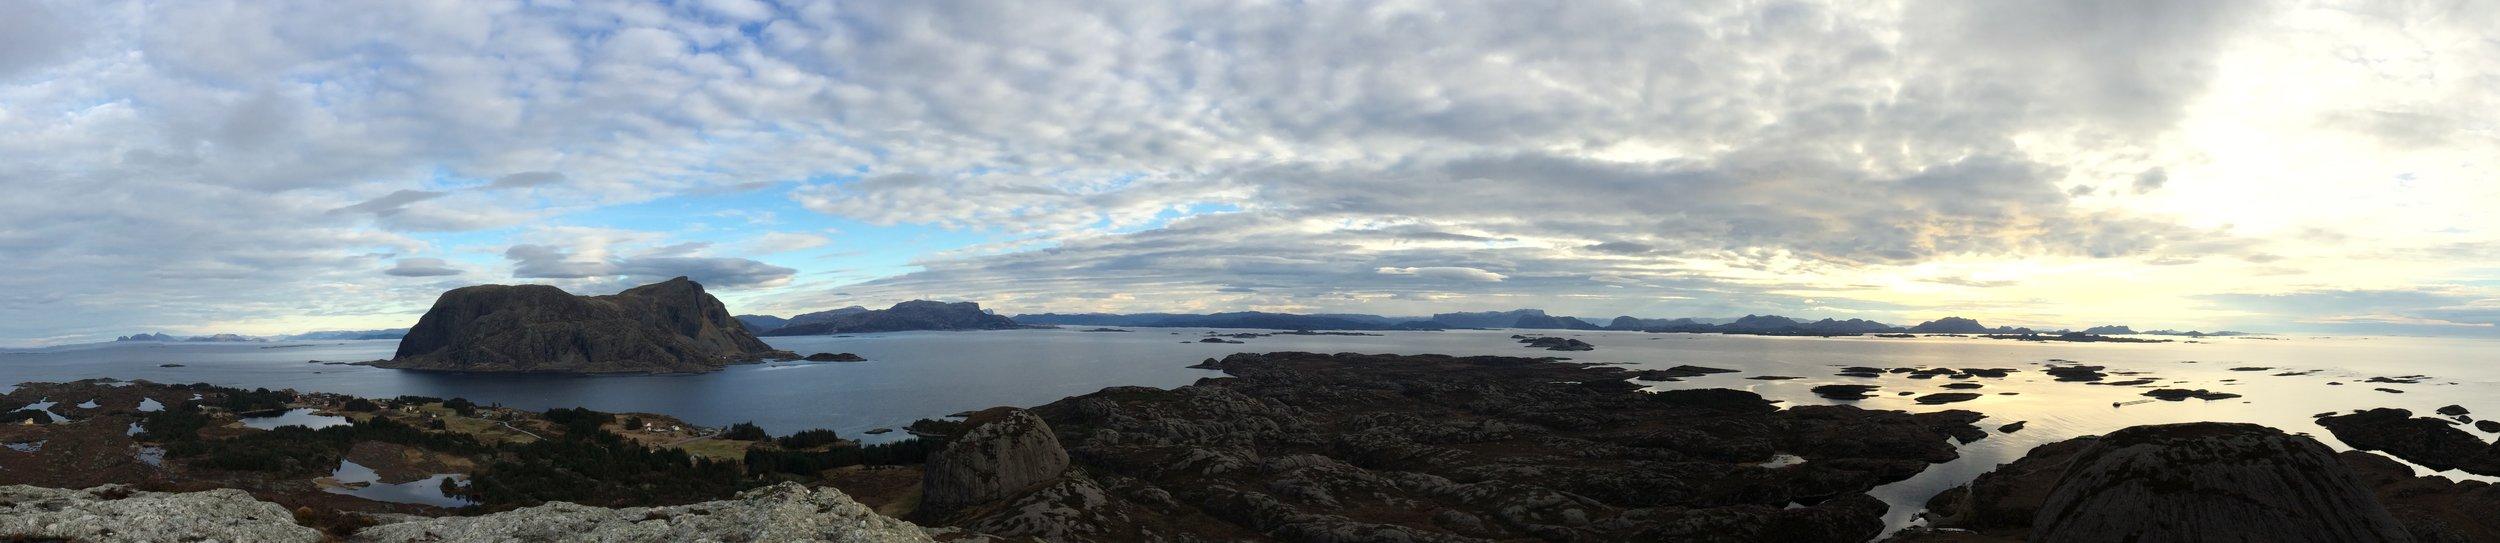 Panoramautsikt fra Høgkletten på Værlandet.  Fra venstre kan man skimte Kinn og omkringliggende høydedrag mot nord, Alden mot nordøst, Atløyna mot øst, Lihesten mot sørøst og Sula mot sør. Nærmere oss ser vi Værlandet fra Noreneset til Værøyhamna, Skrøpelestø, Hittuna, ferjekaia, Nybø, Børekletten, Austneset, Soknevågen, Sørværet og Båtekletten.